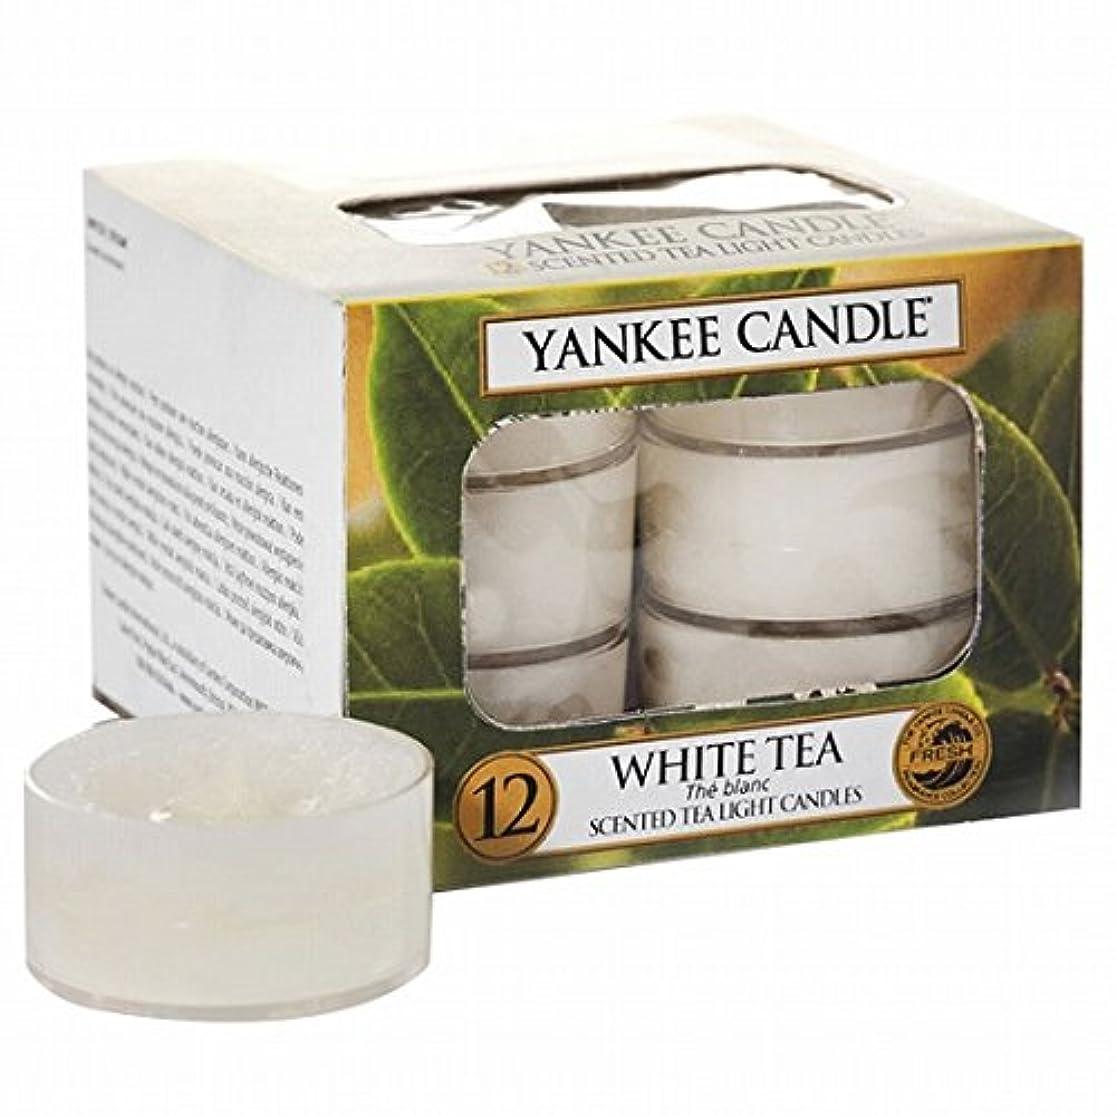 プラスチックまっすぐフェリーヤンキーキャンドル(YANKEE CANDLE) YANKEE CANDLE クリアカップティーライト12個入り 「ホワイトティー」